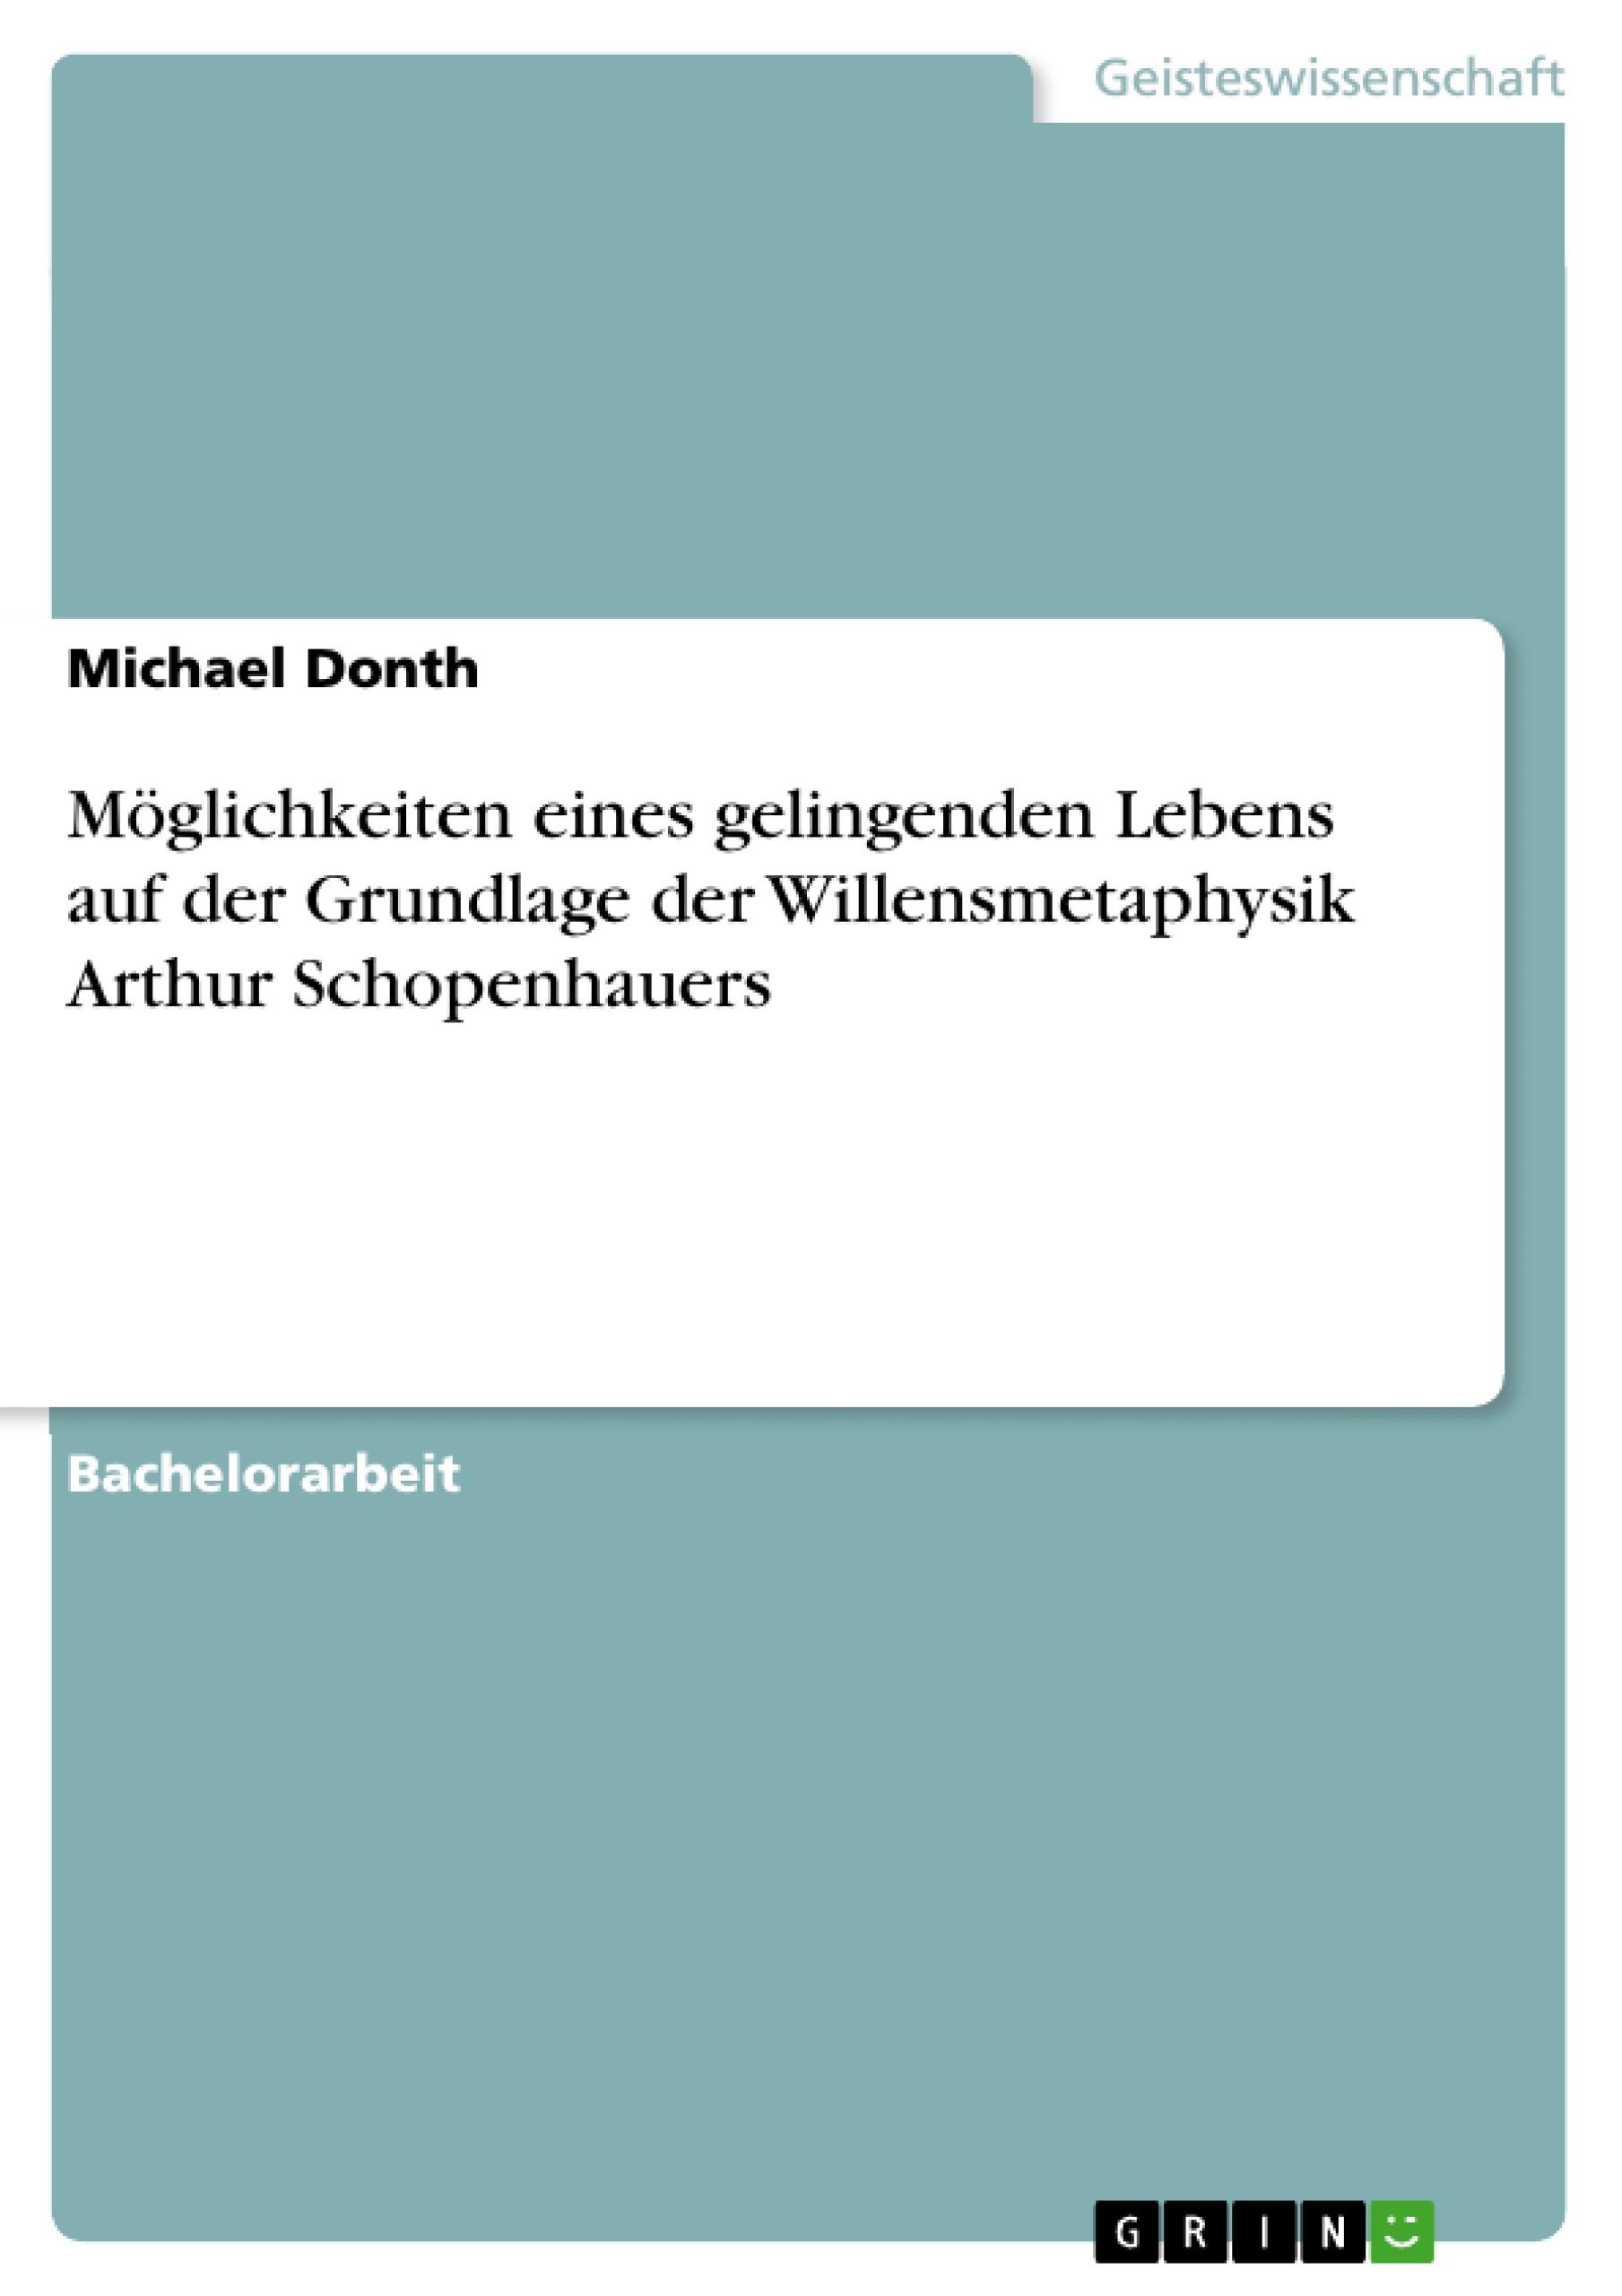 Titel: Möglichkeiten eines gelingenden Lebens auf der Grundlage der Willensmetaphysik Arthur Schopenhauers